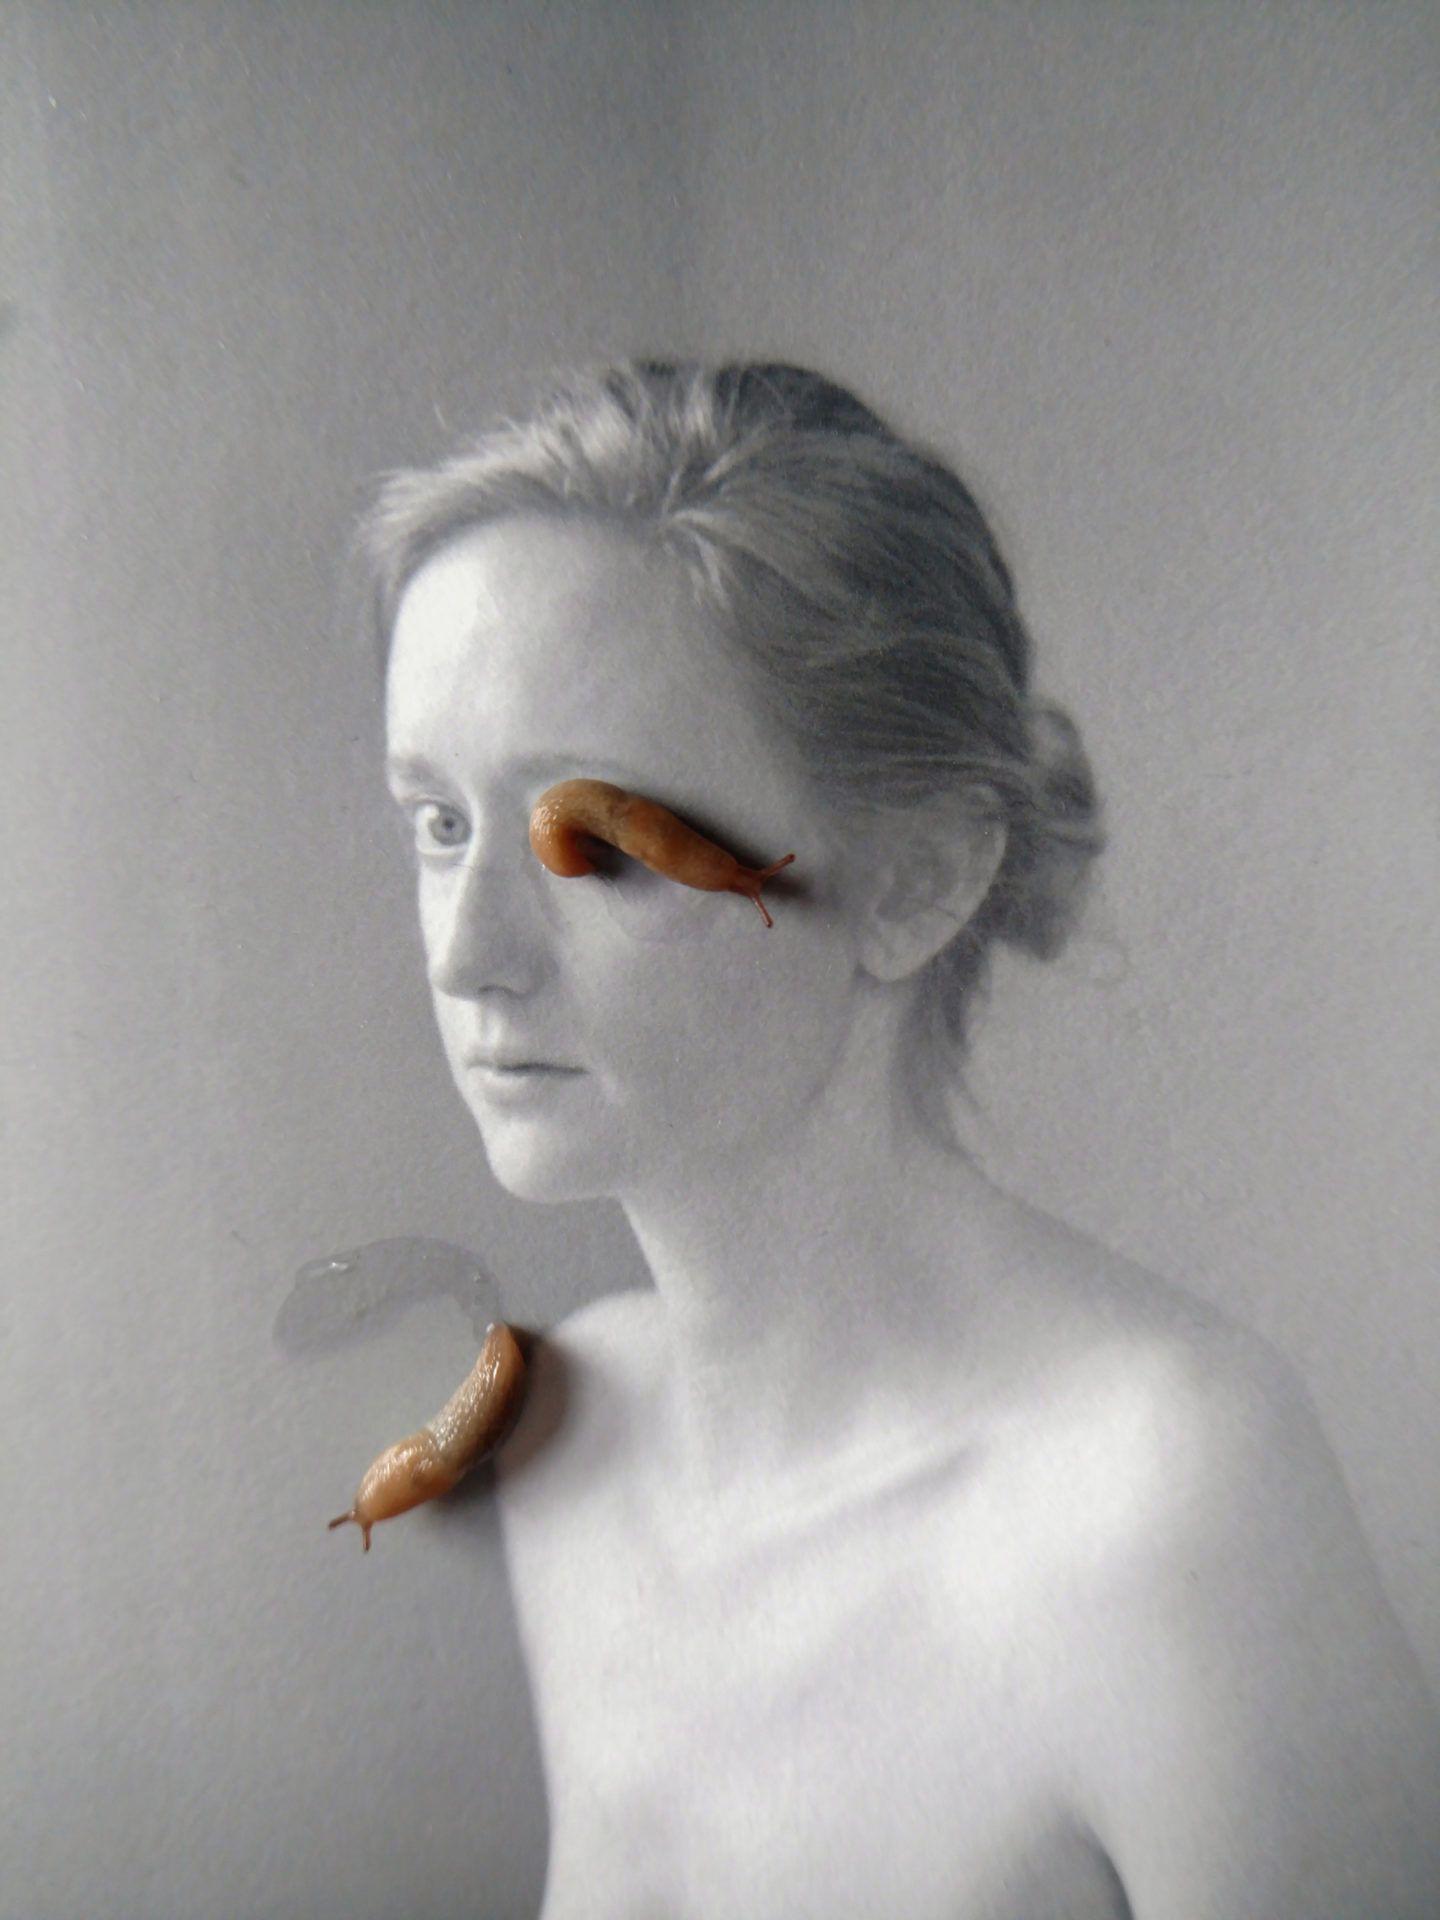 IGNANT-Photography-Jordanna-Kalman-Little-Romances-8